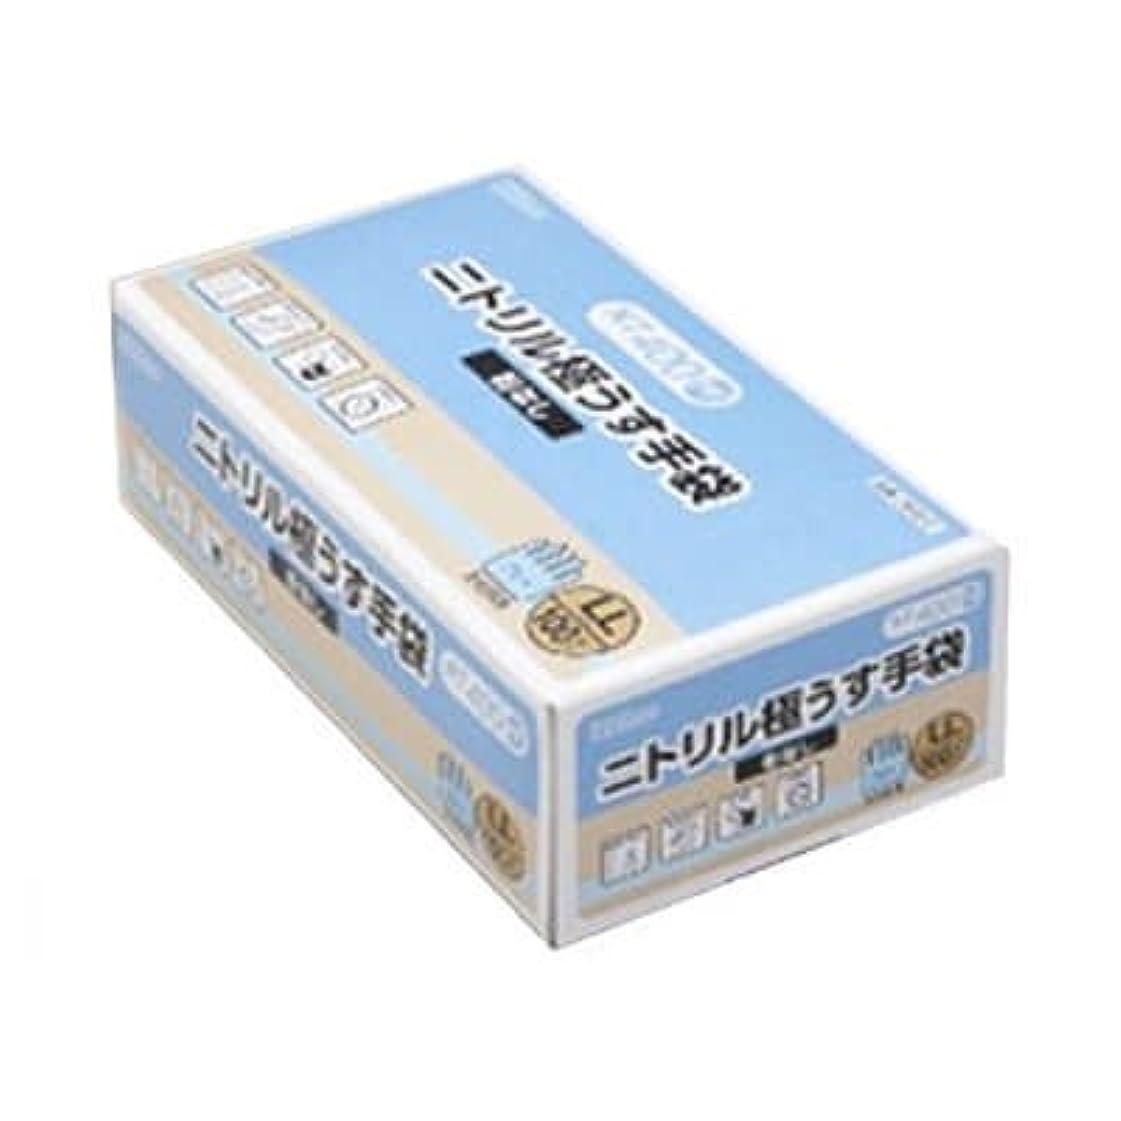 レイアウトまだリール【ケース販売】 ダンロップ ニトリル極うす手袋 粉無 LL ブルー NT-400 (100枚入×20箱)